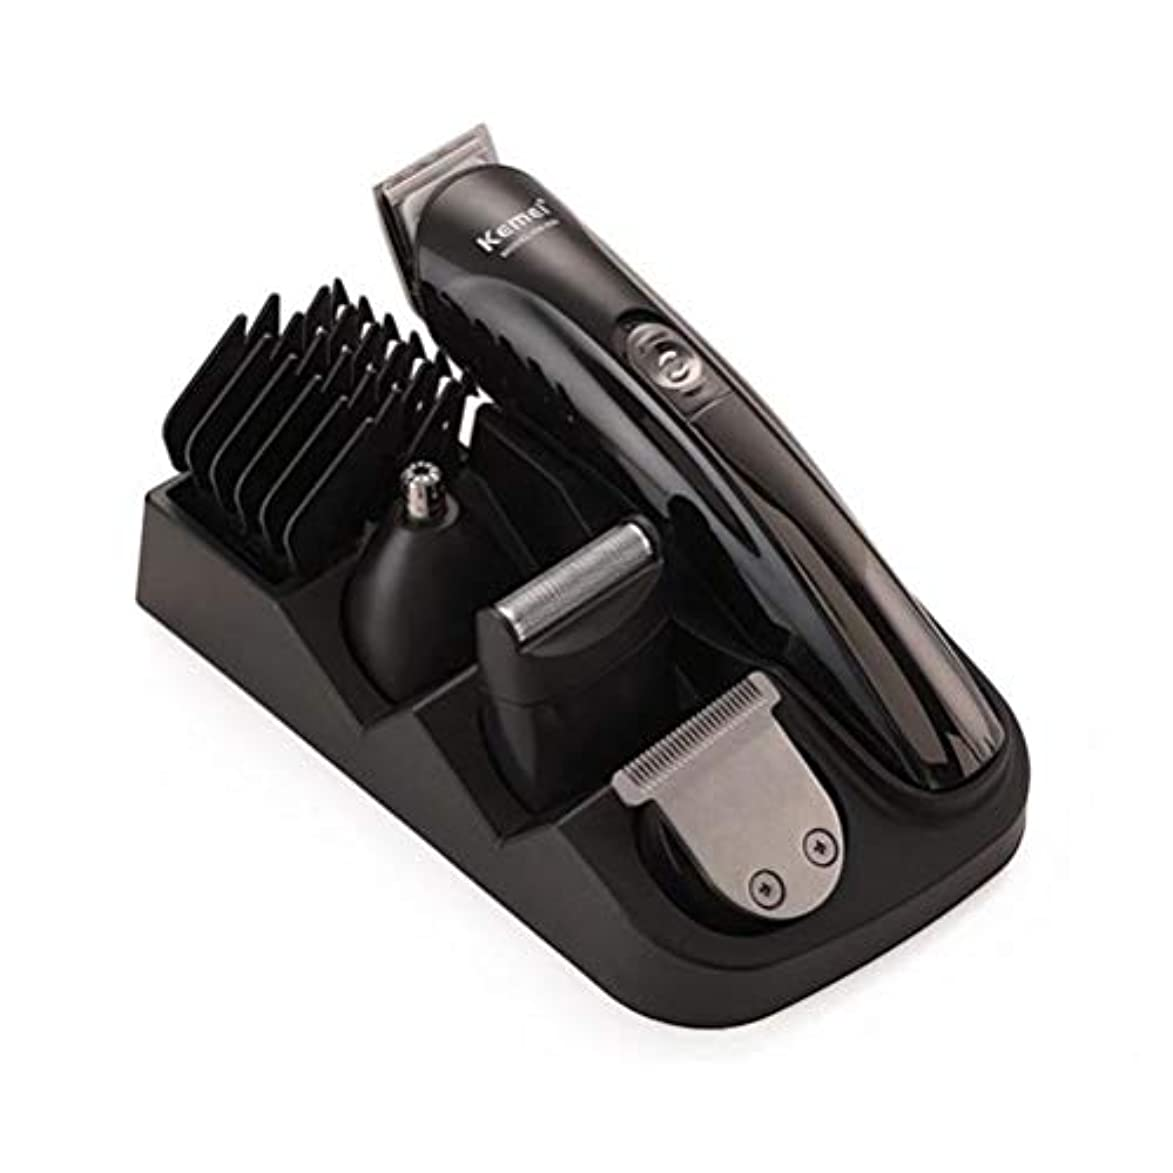 接続詞保護する不潔ポータブル バリカンひげトリマー鼻毛シェービングカッターヘッド多機能電動バリカンセット家庭用電動バリカン 快適な, Black